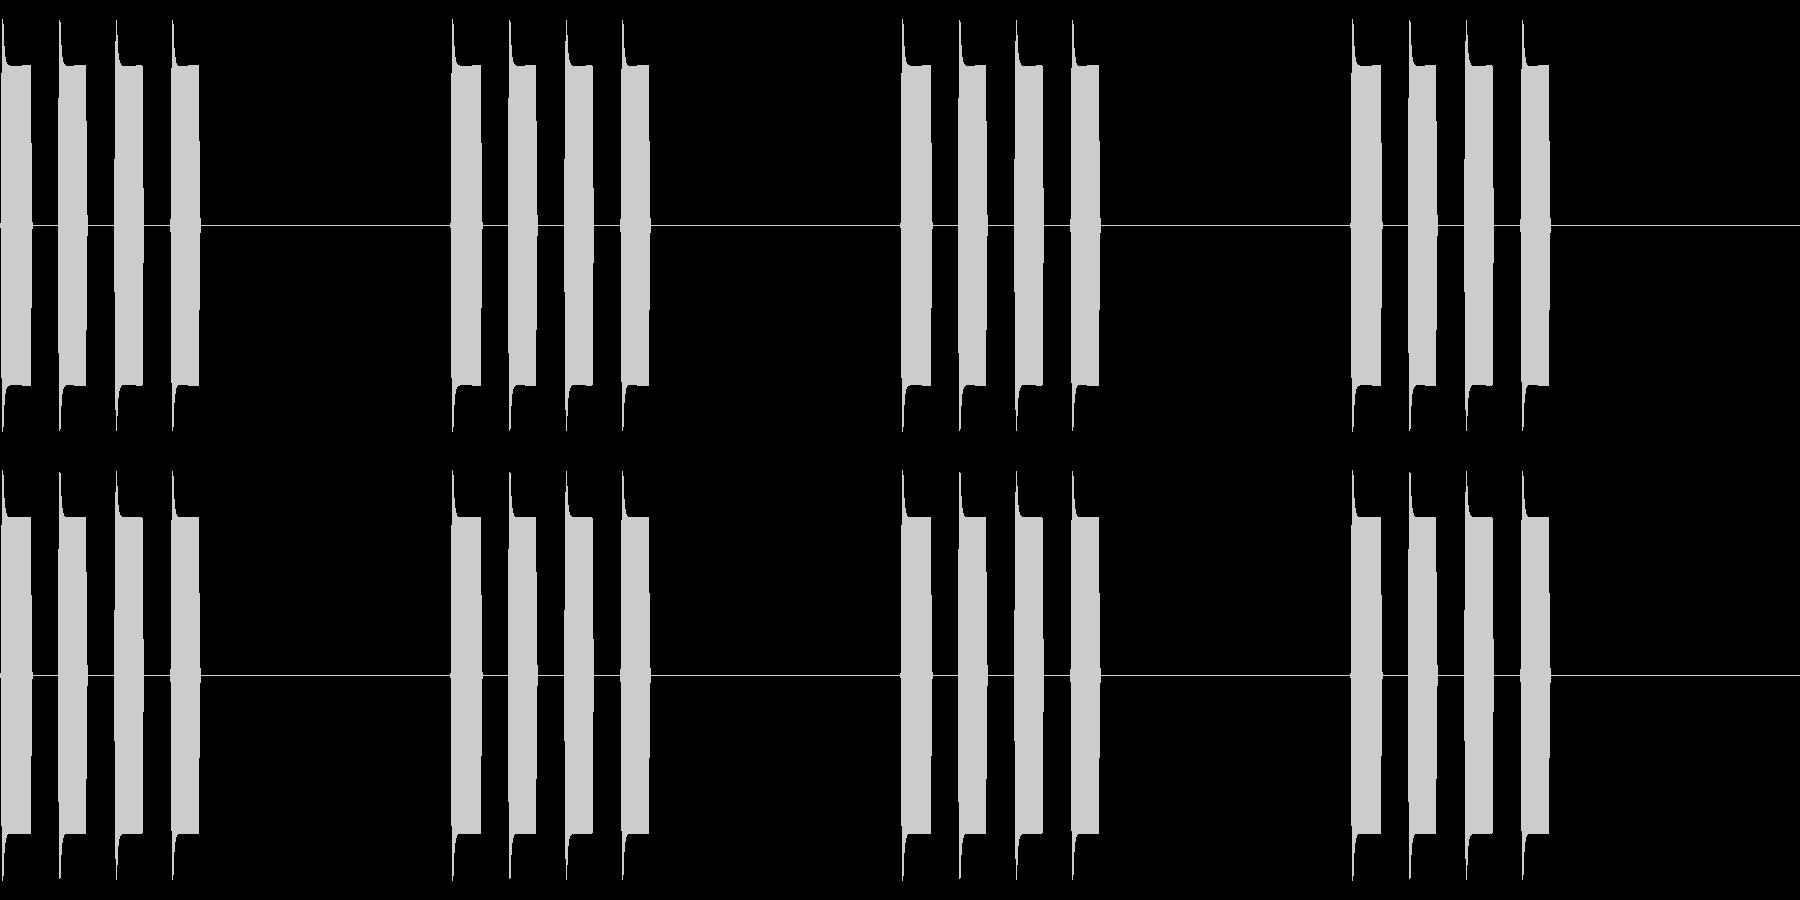 ピピピピッ!ごく普通のアラーム音2の未再生の波形